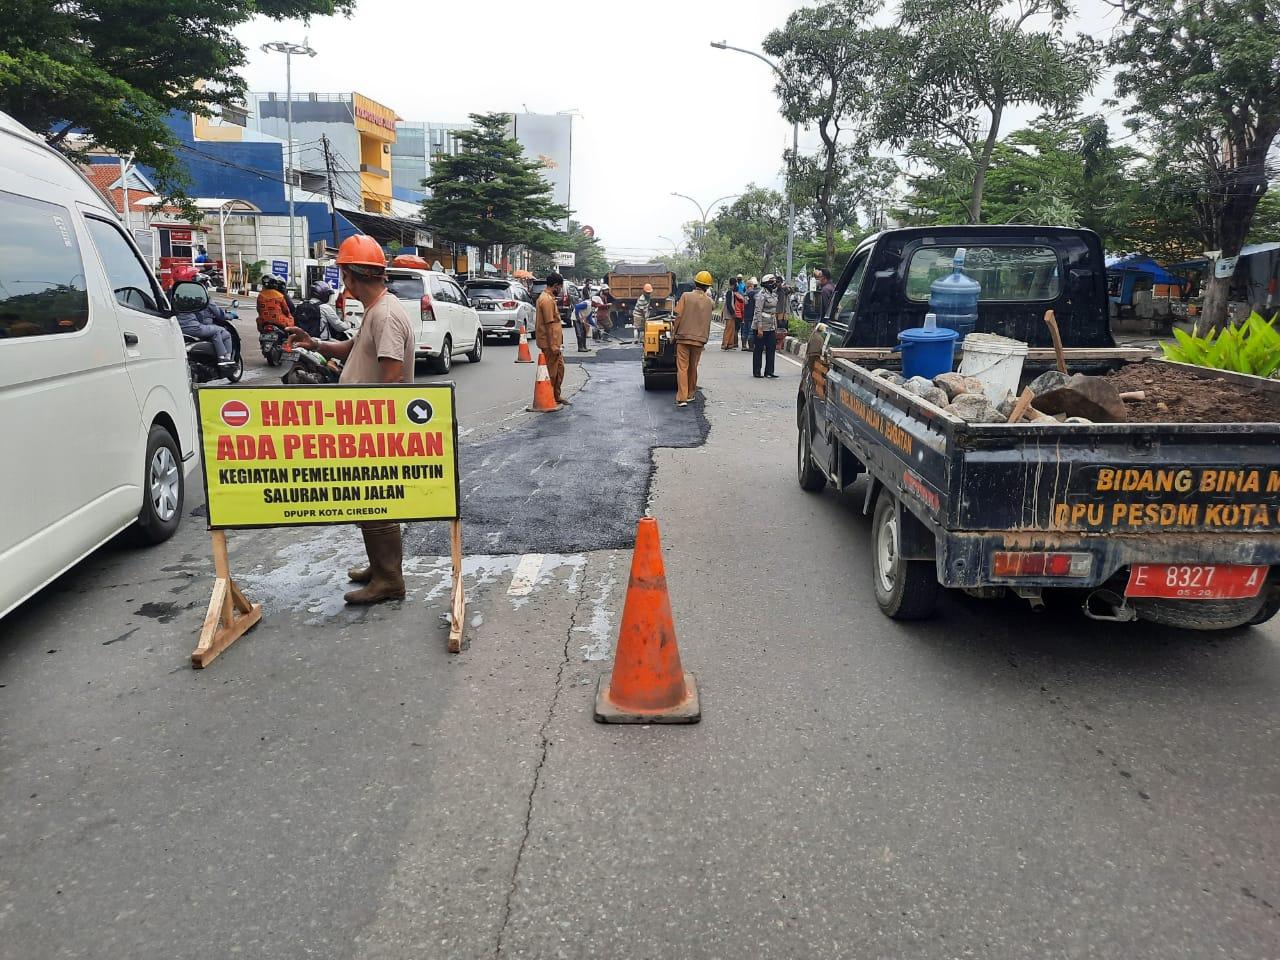 Cara Kasat Lantas Polres Ciko, Layani Masyarakat Dengan Giat Pengaspalan Jalan Raya